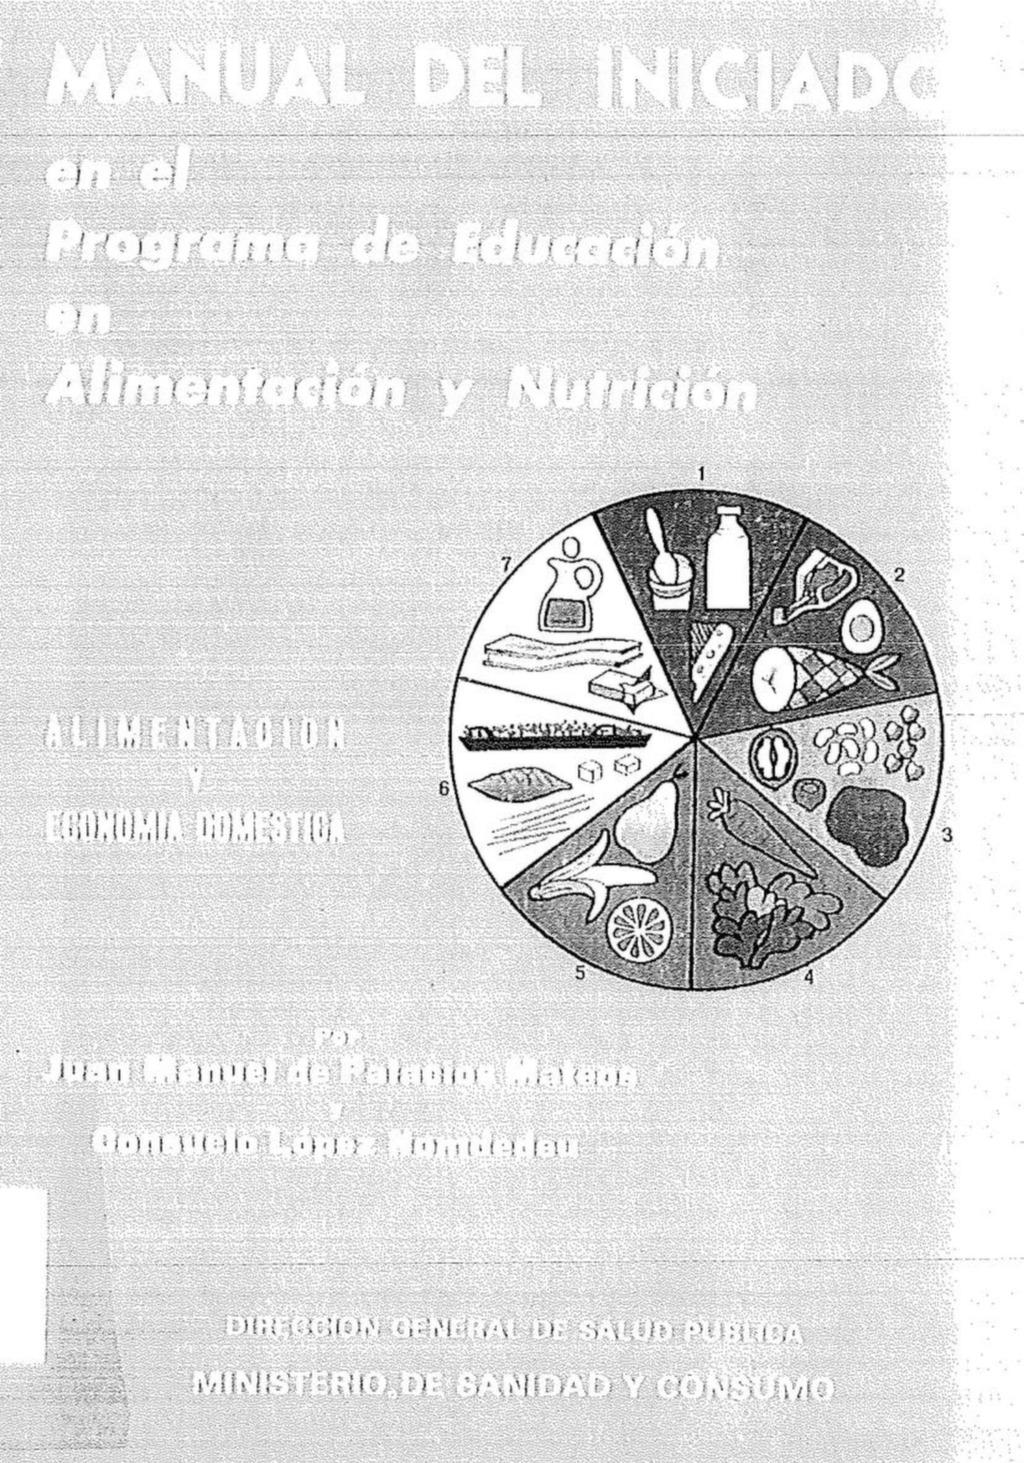 Manual del iniciado